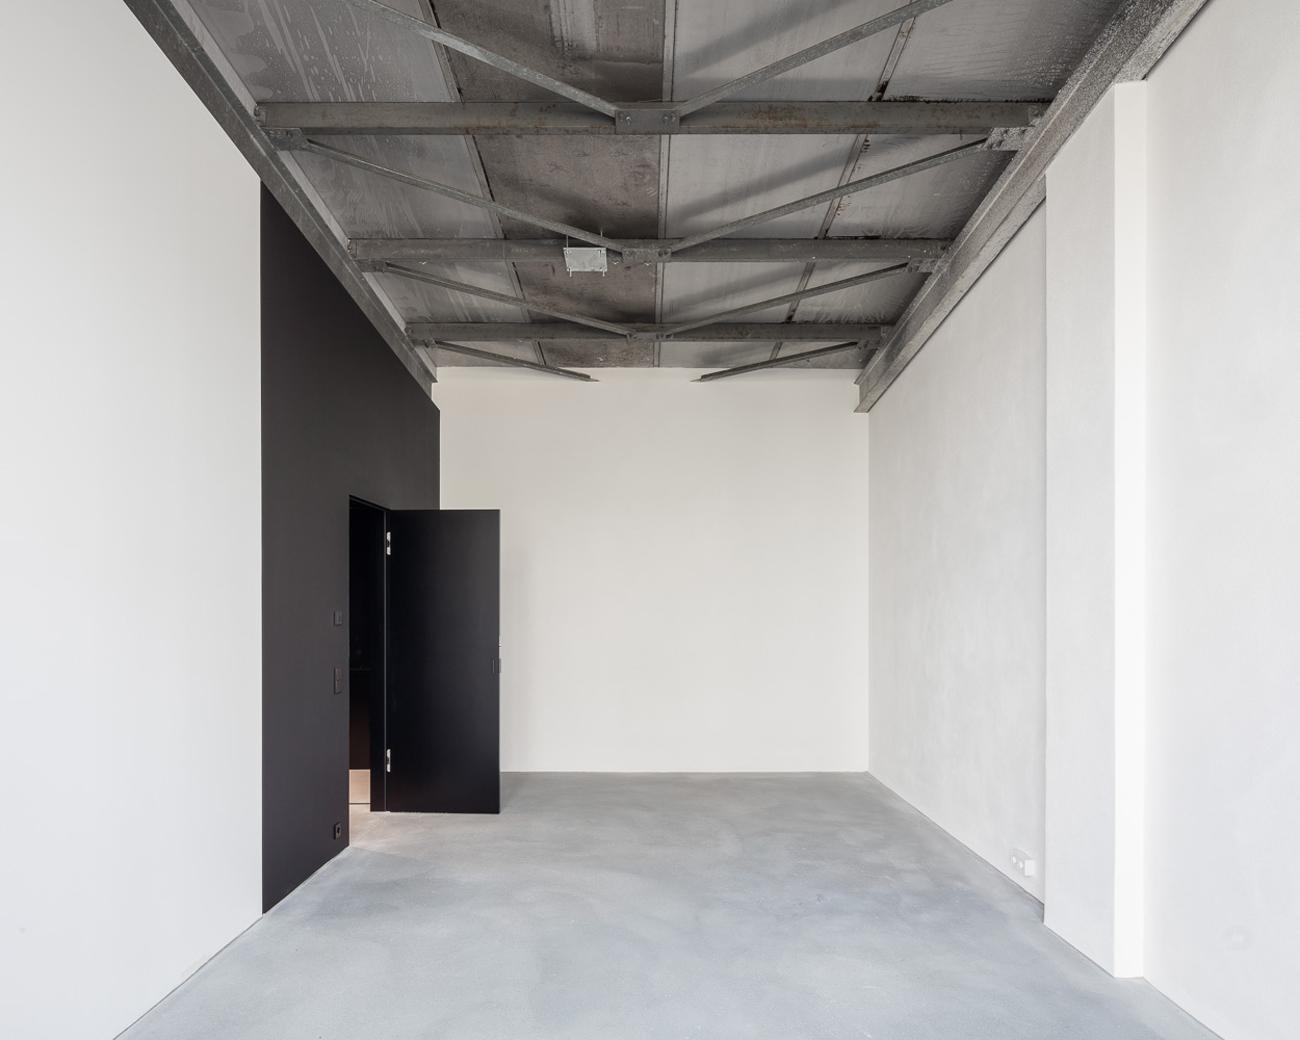 garage-5-tanja-lincke-architekten